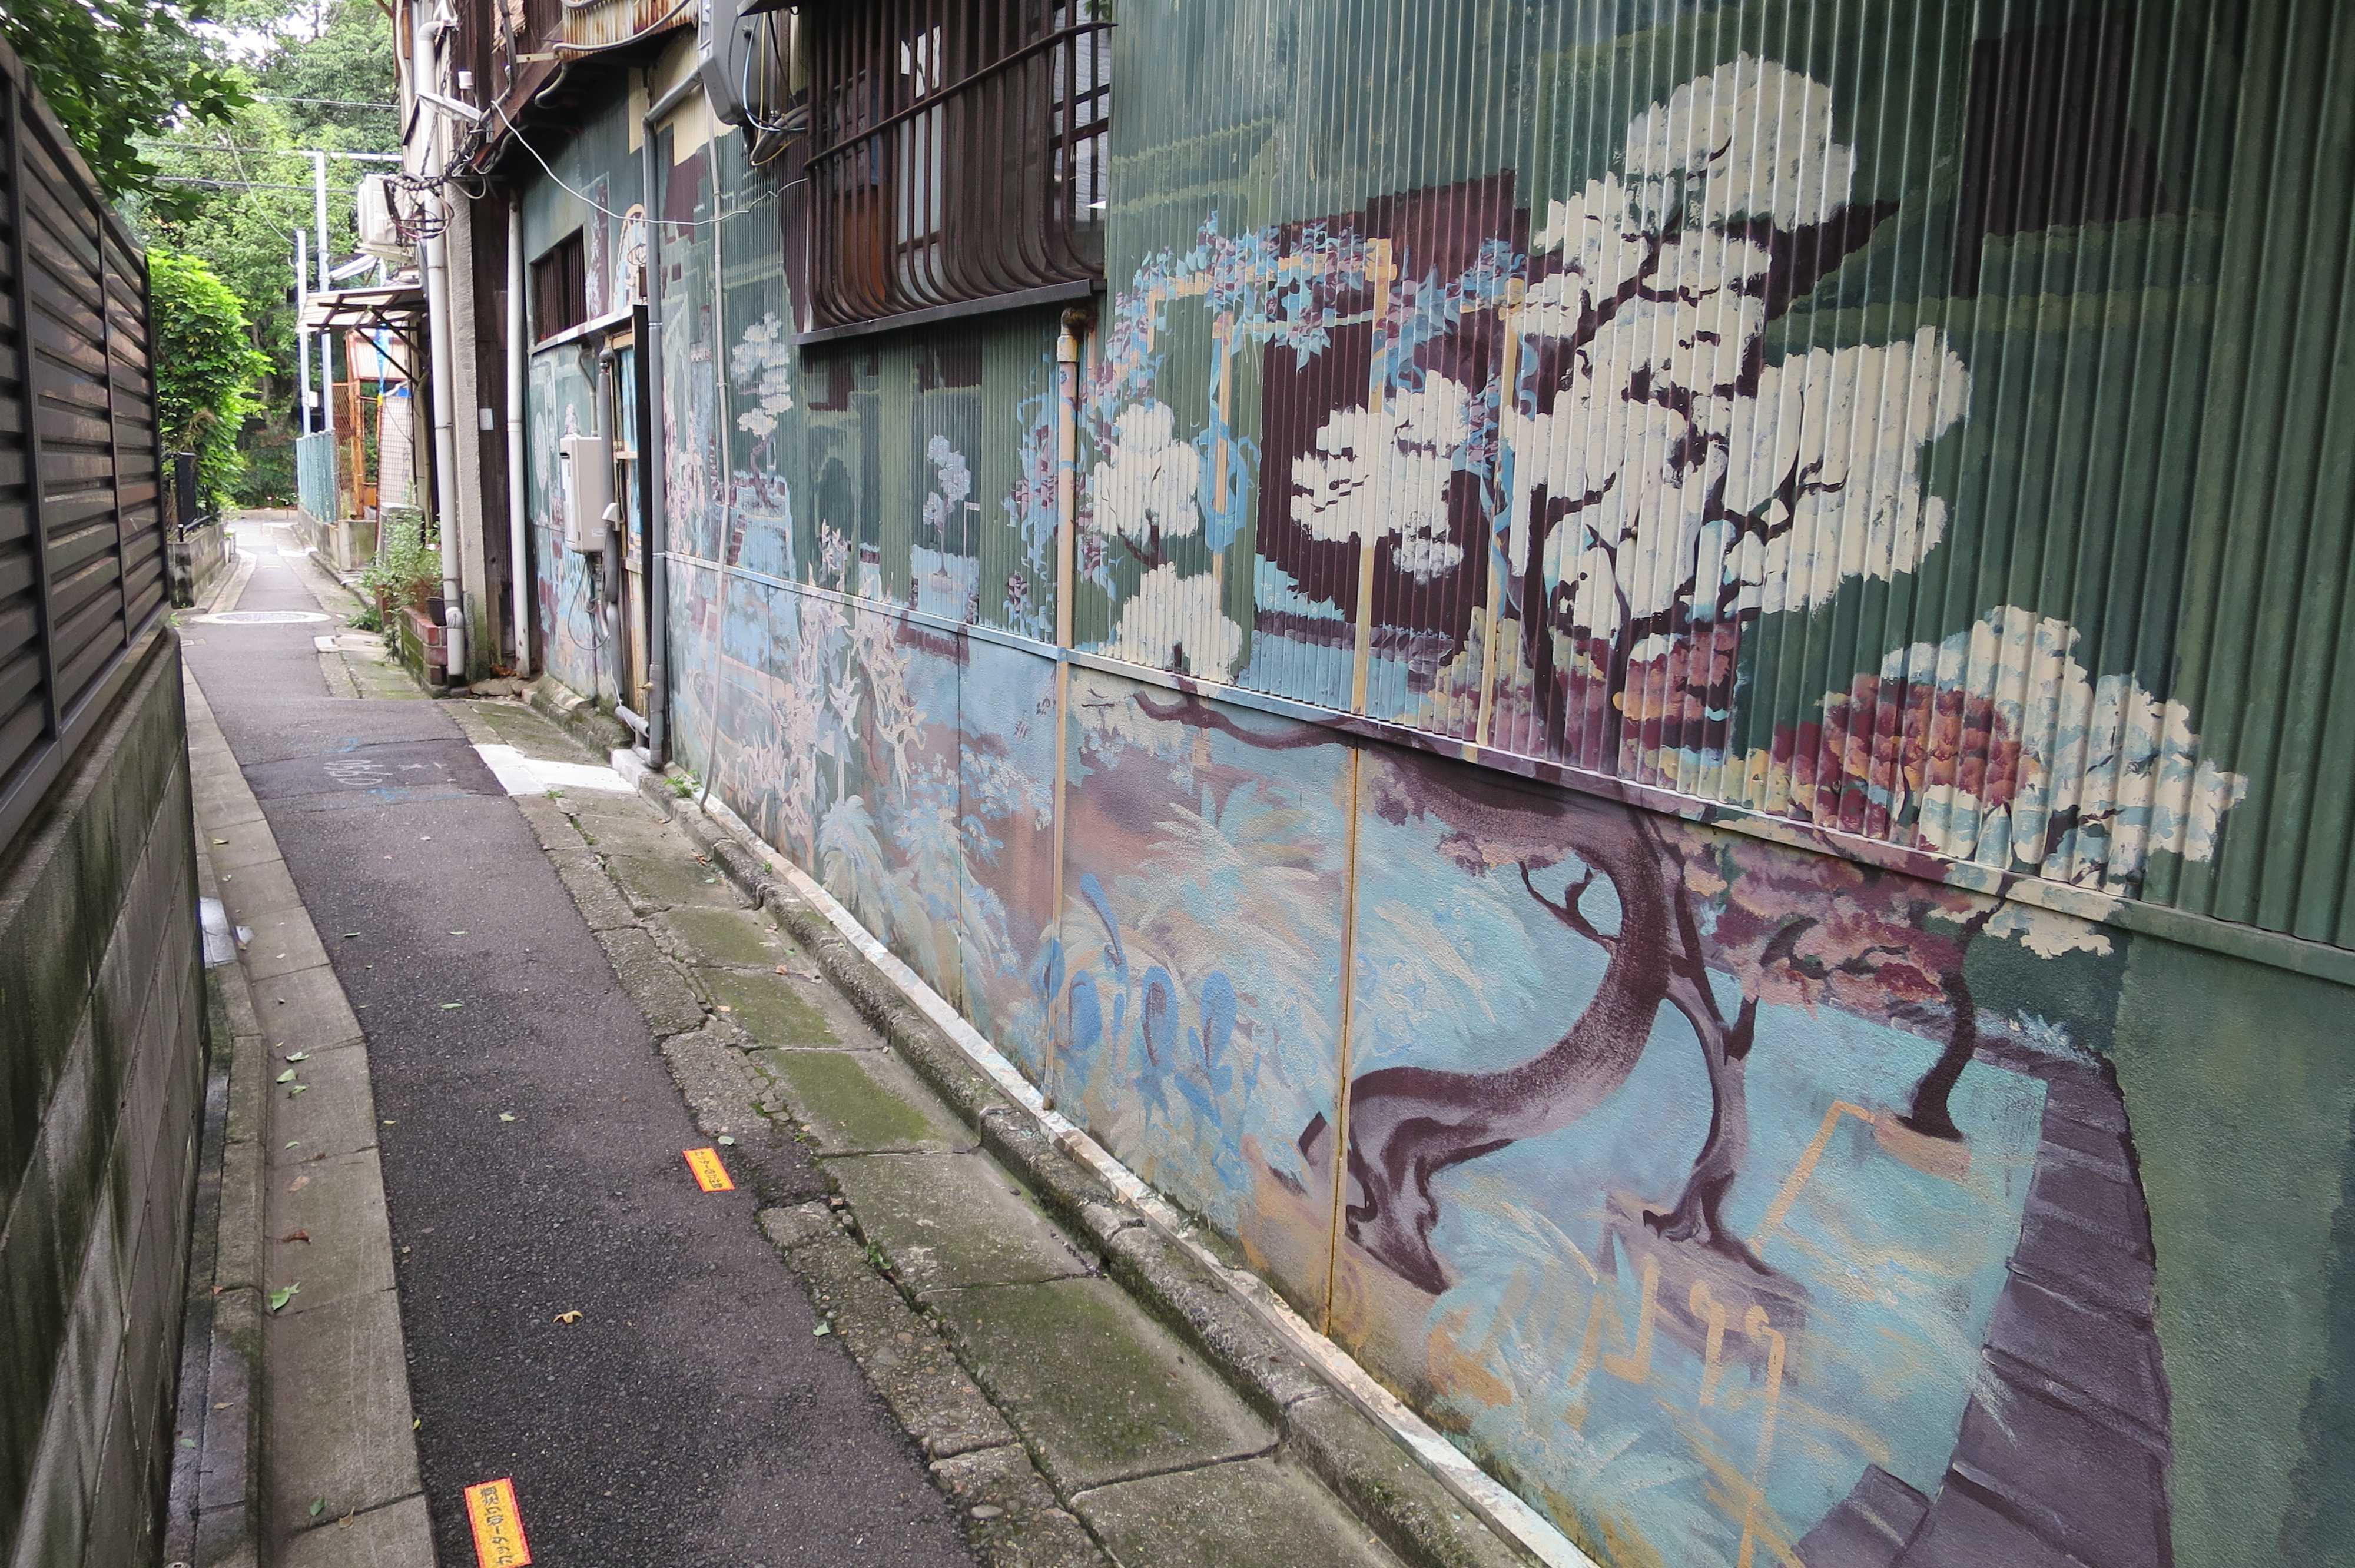 京都・五条楽園 - 「お茶屋」脇の小路と「お茶屋」の壁に描かれた絵